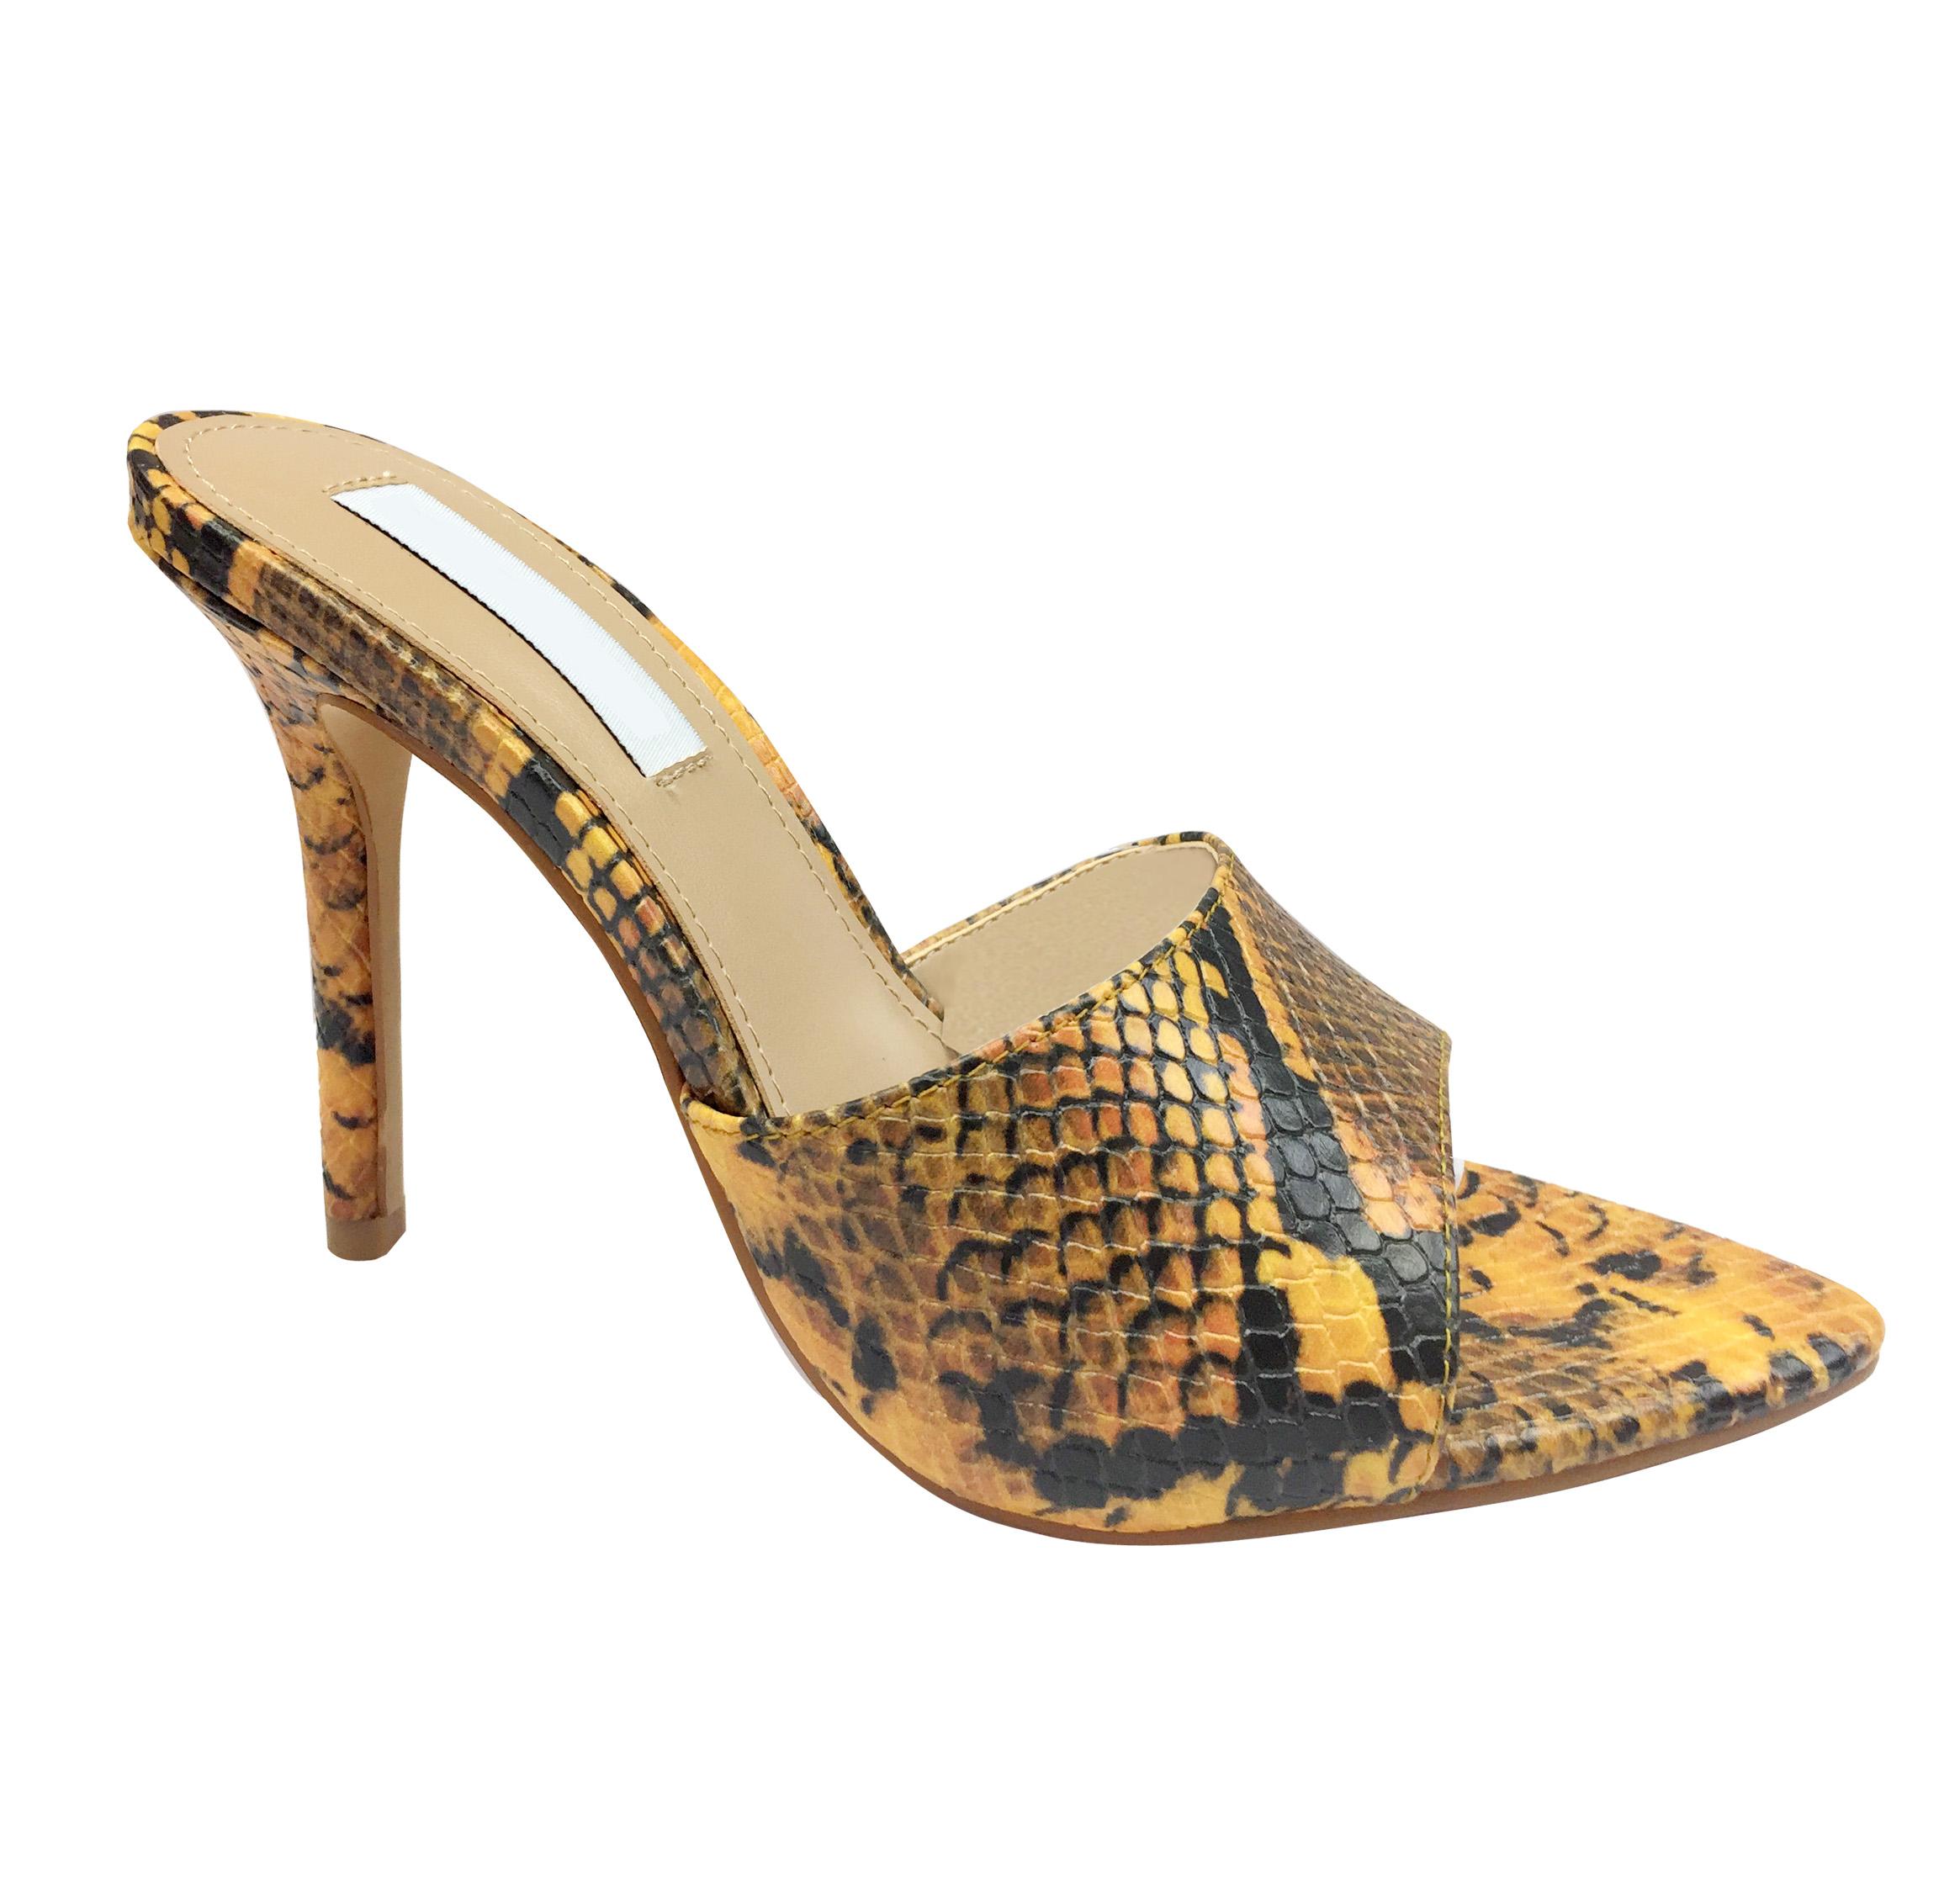 女鞋加工厂OEM定制-女鞋贴牌工厂直供坡跟凉鞋